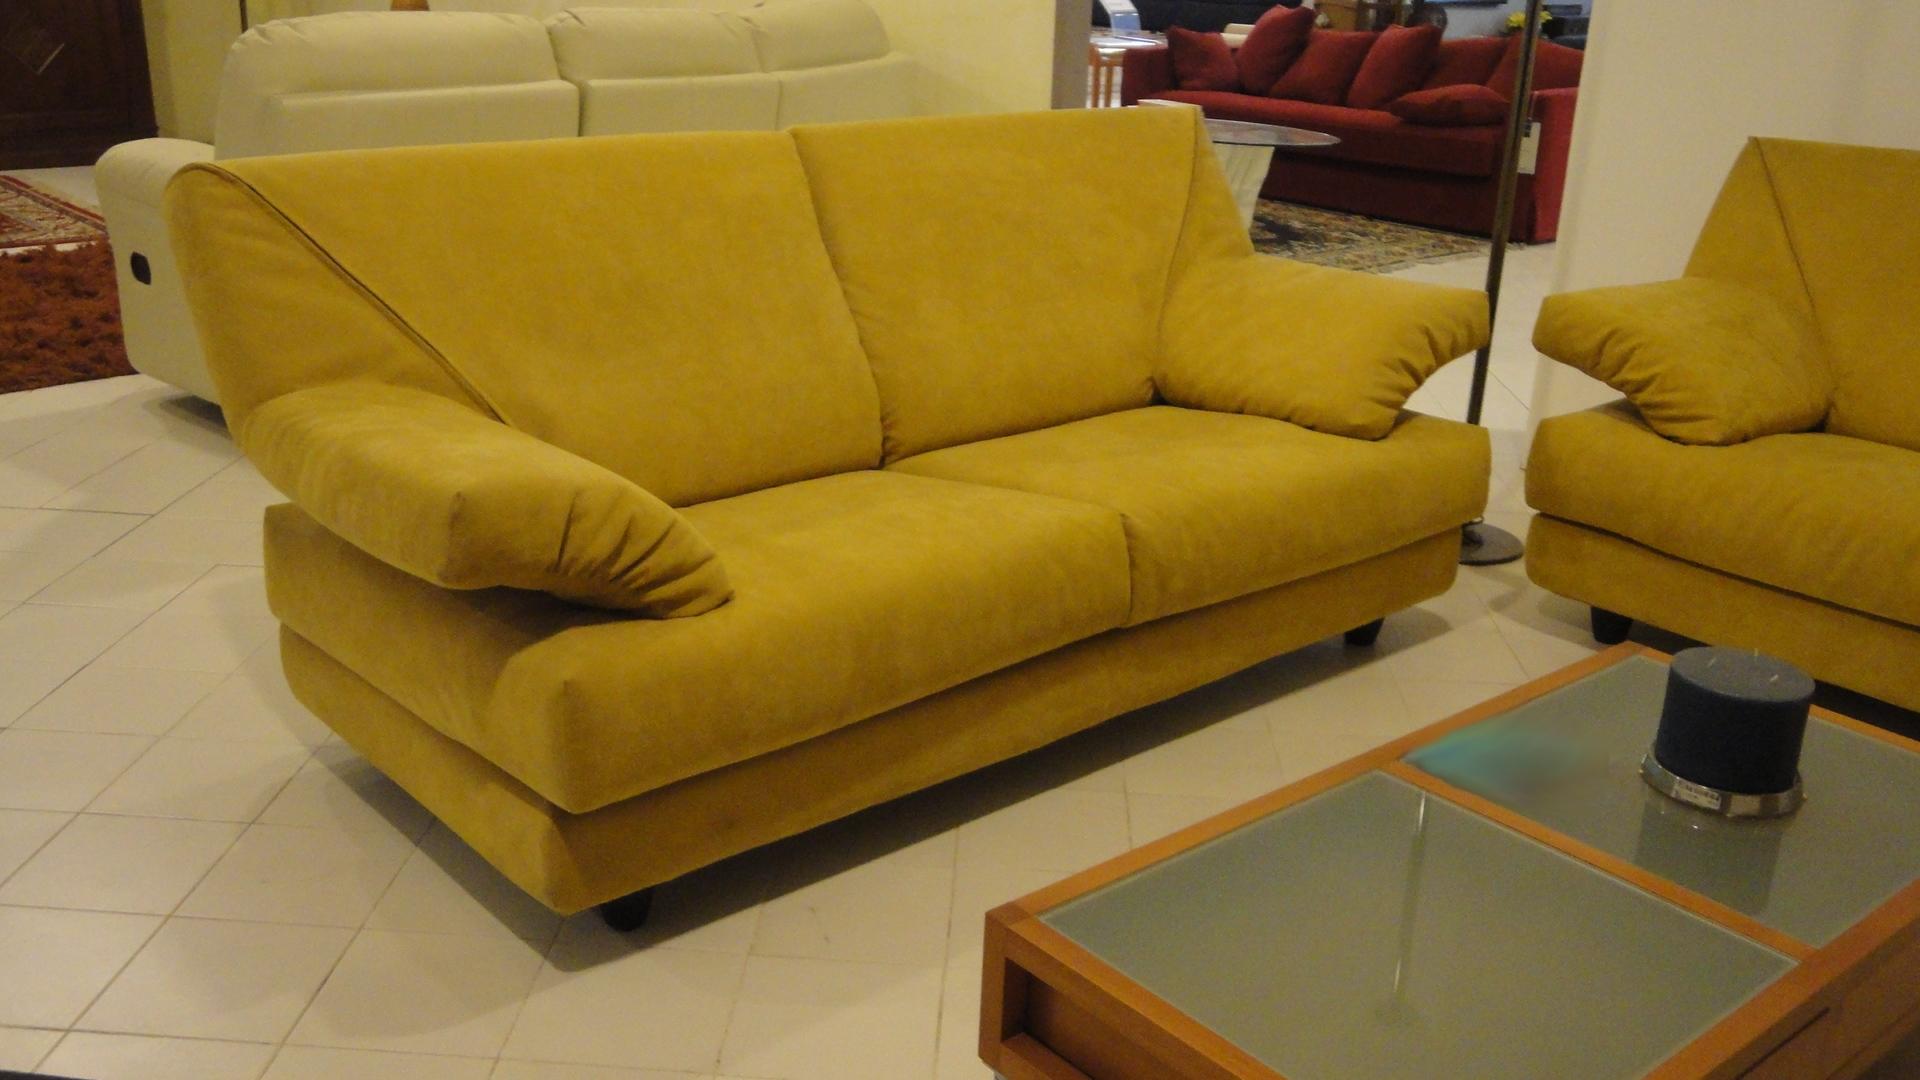 Divano mimo salotti scontato del 50 divani a prezzi - Mimo divani prezzi ...